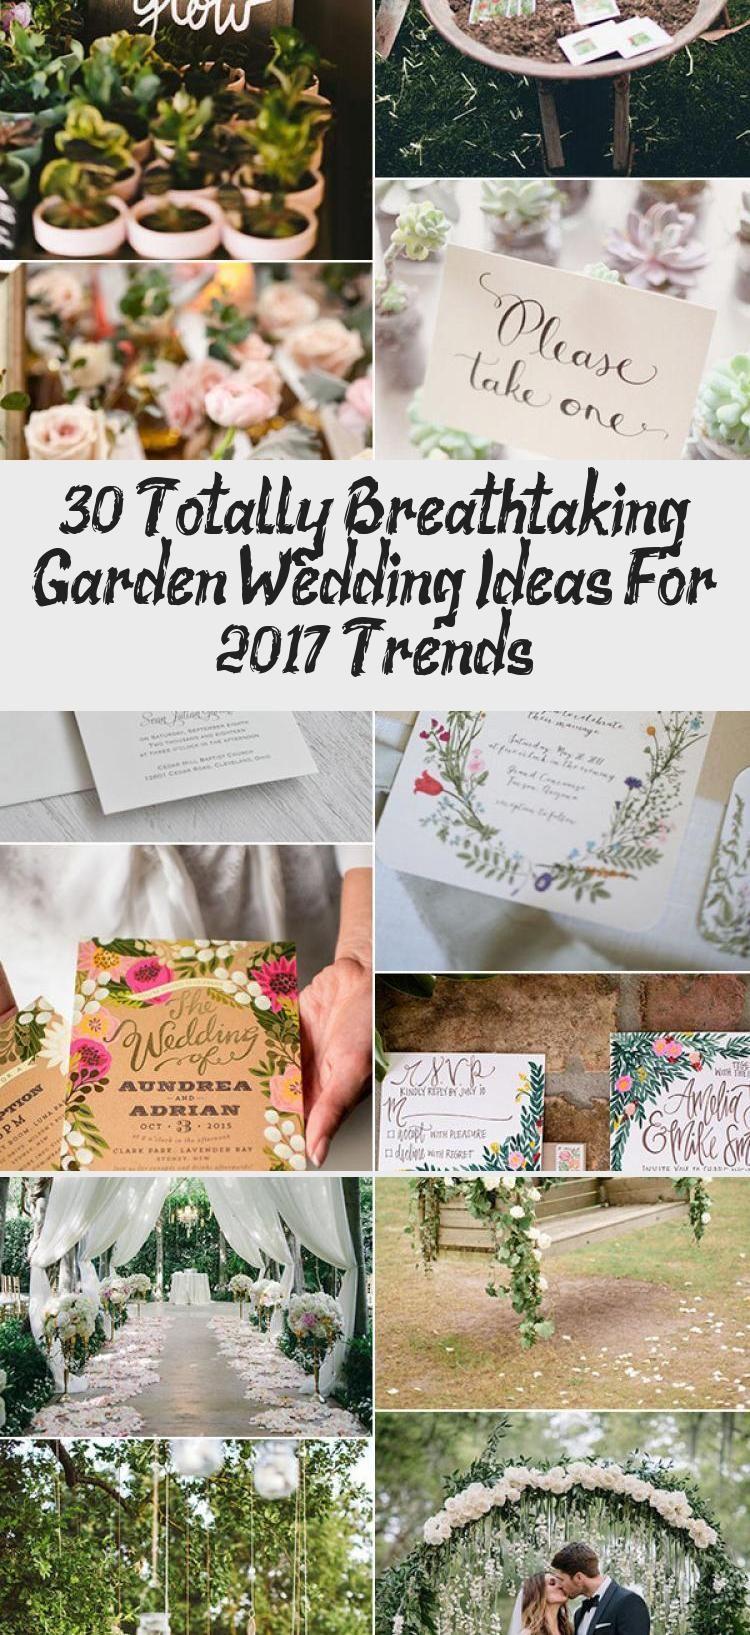 30 Totally Breathtaking Garden Wedding Ideas For 2017 ...